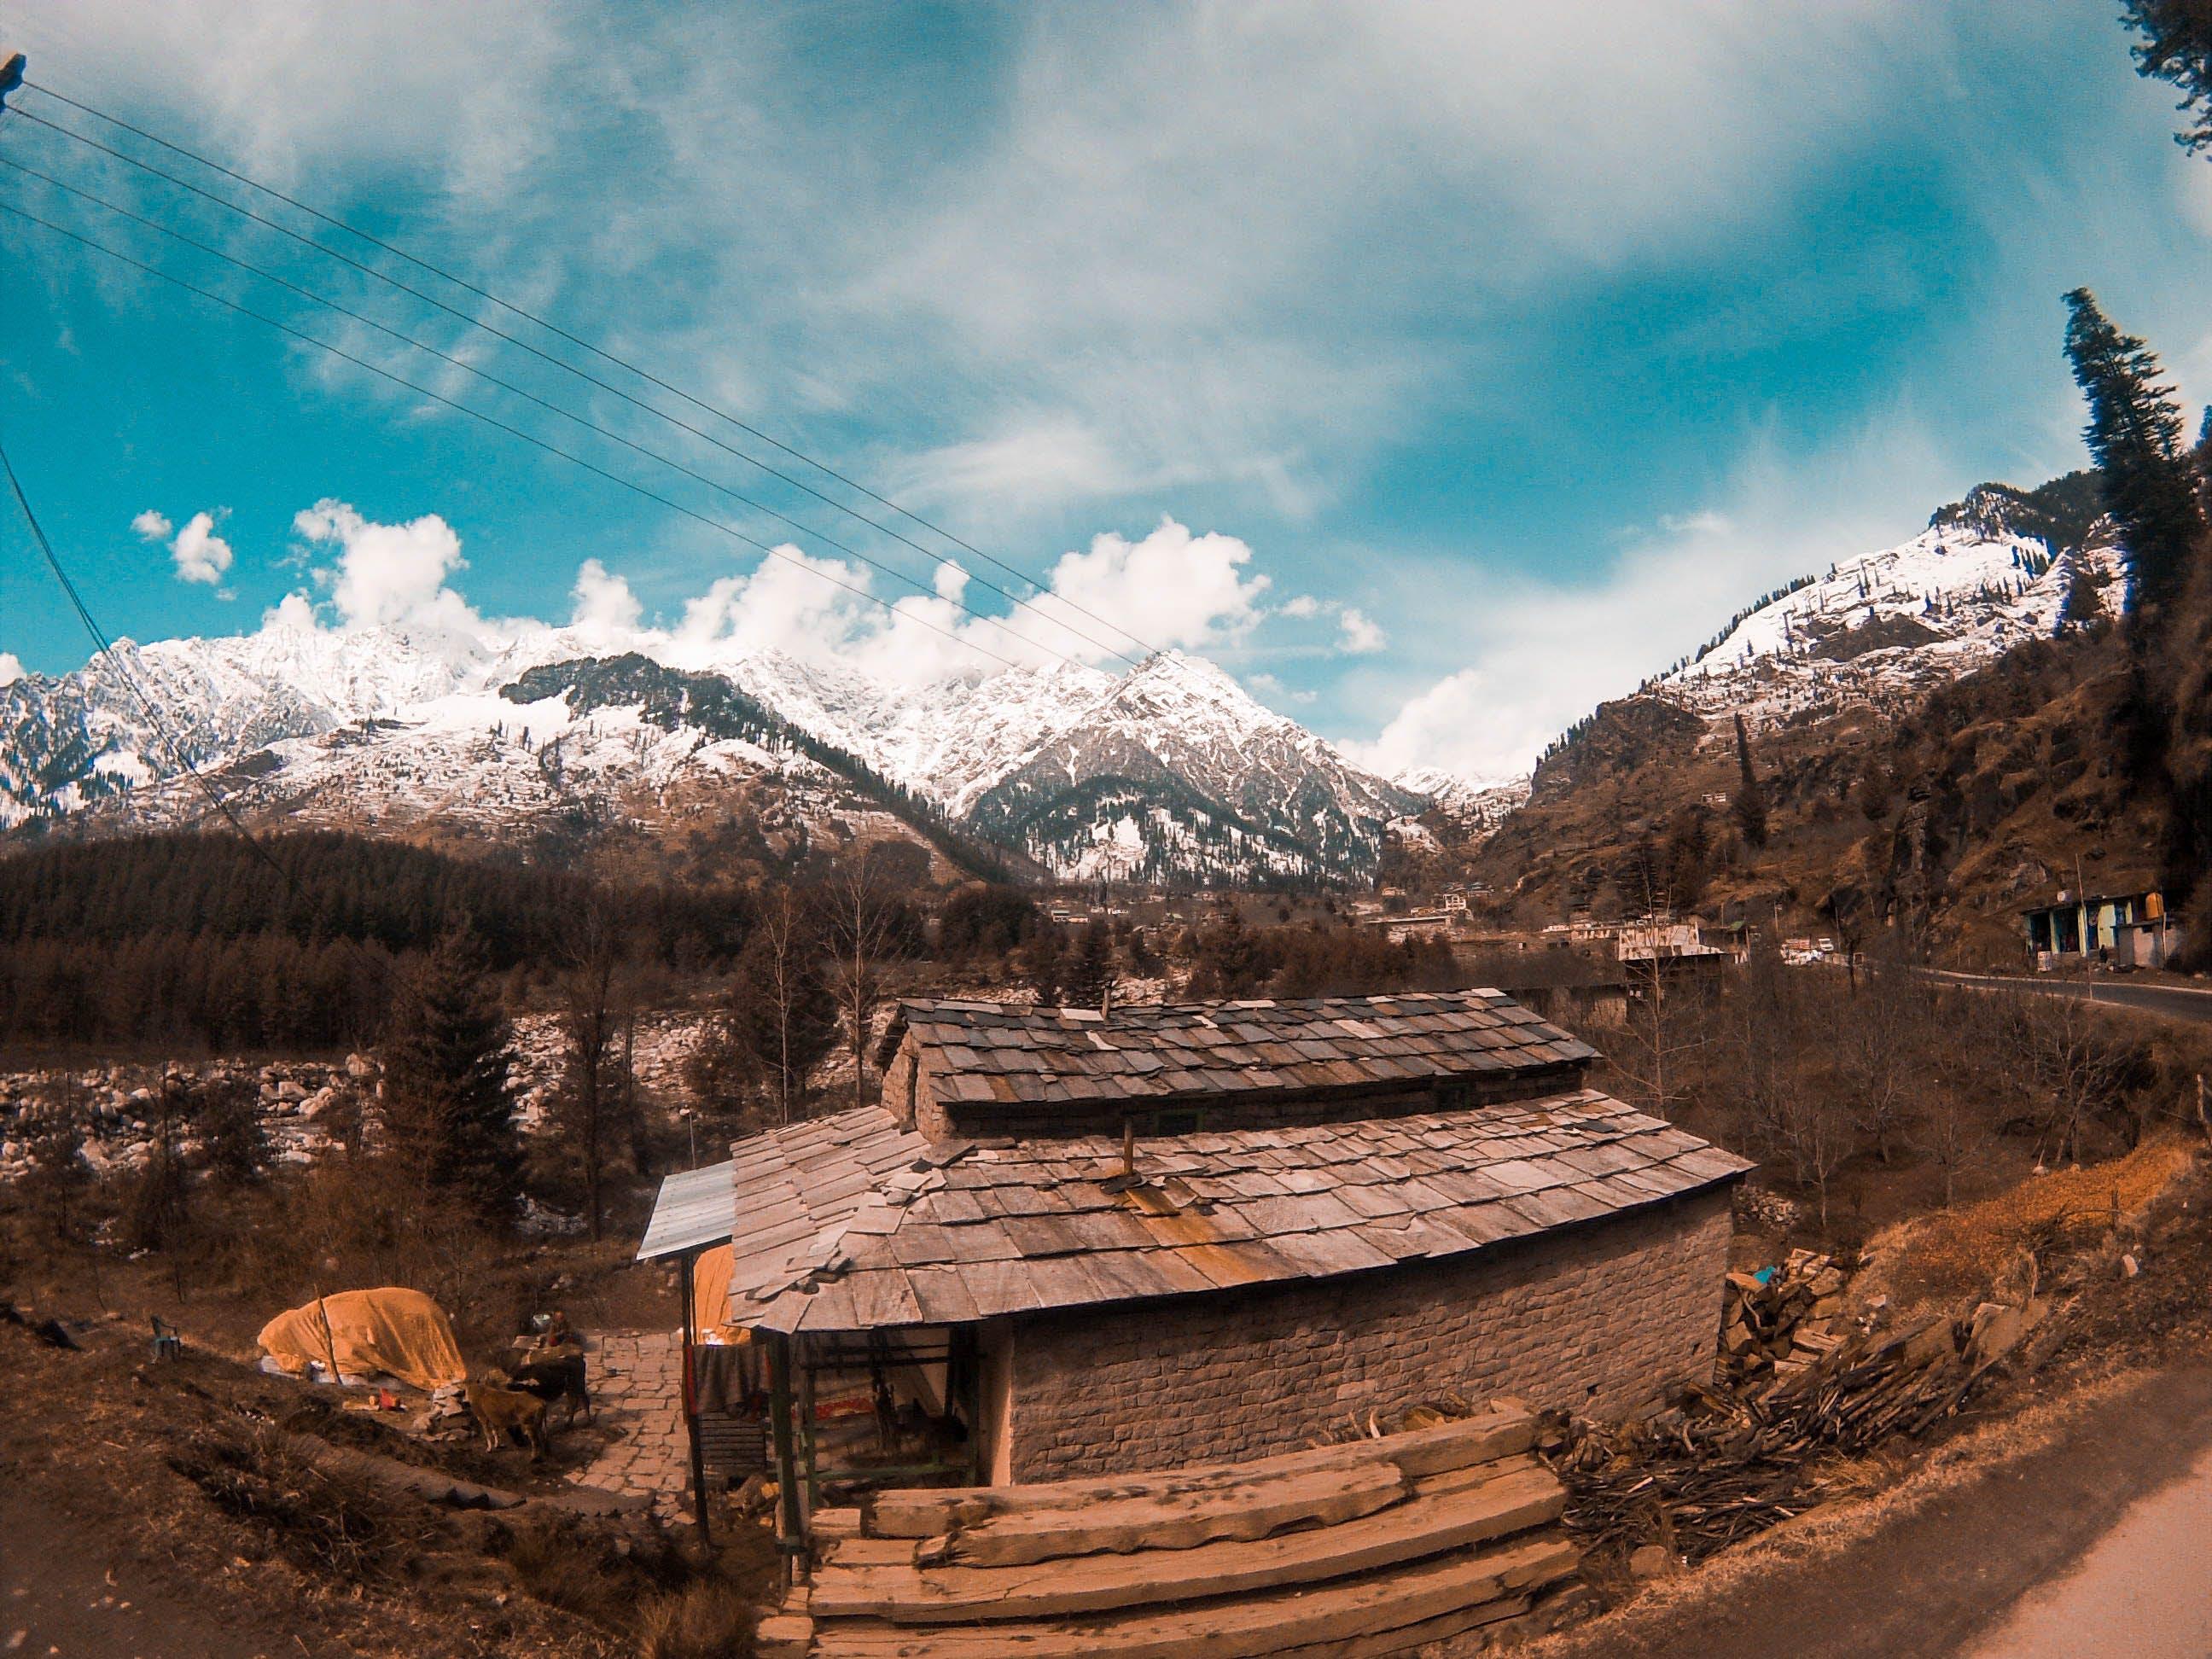 Бесплатное стоковое фото с горы, деревья, дневной свет, живописный